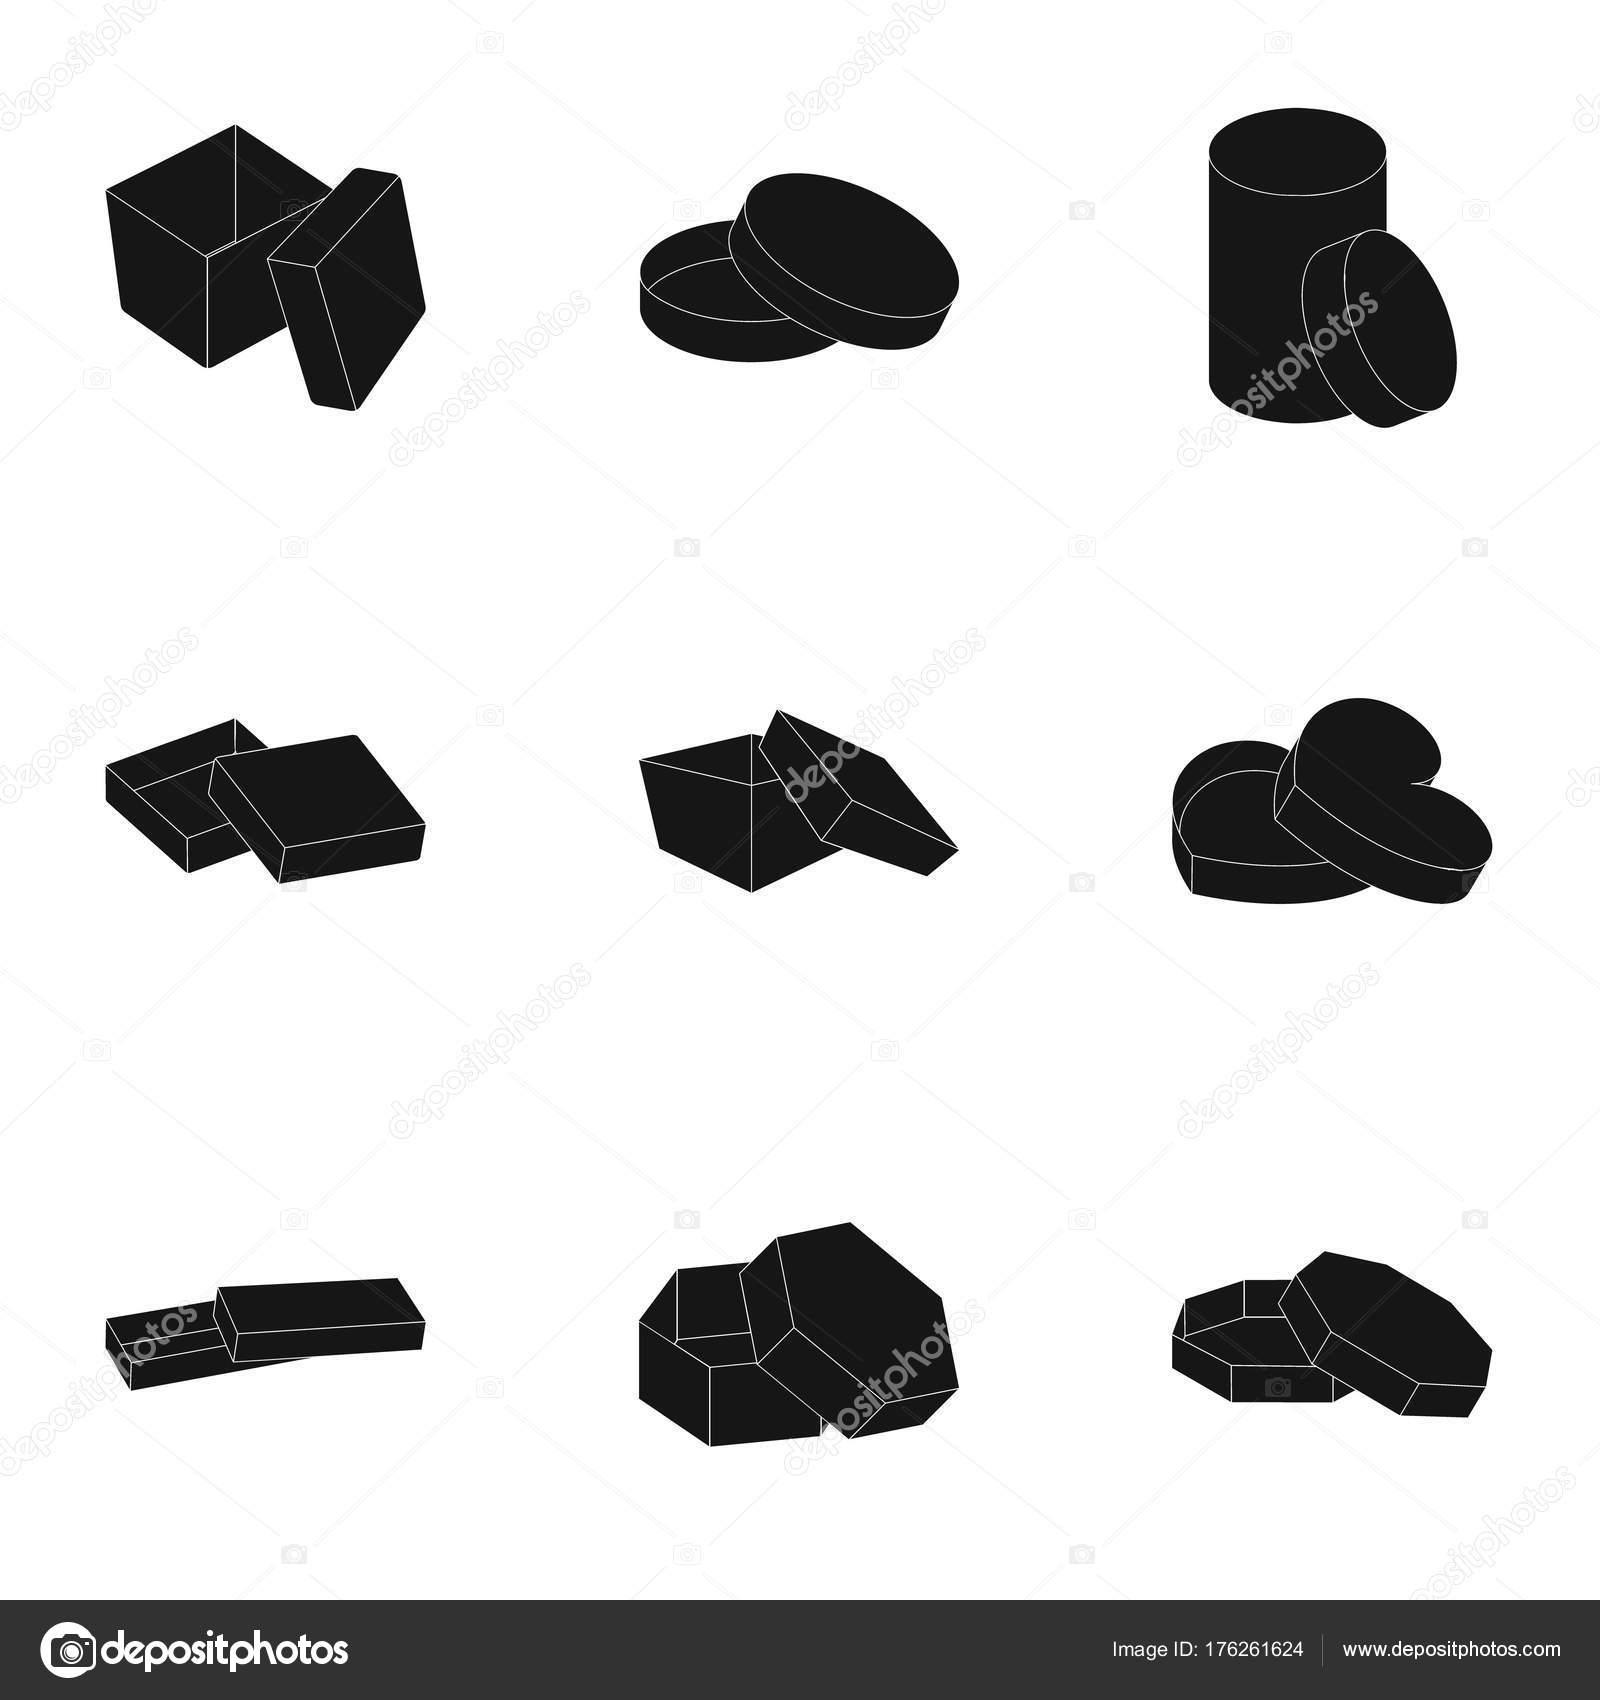 Box, Paket, Verpackung und andere Web-Symbol im schwarzen Stil ...